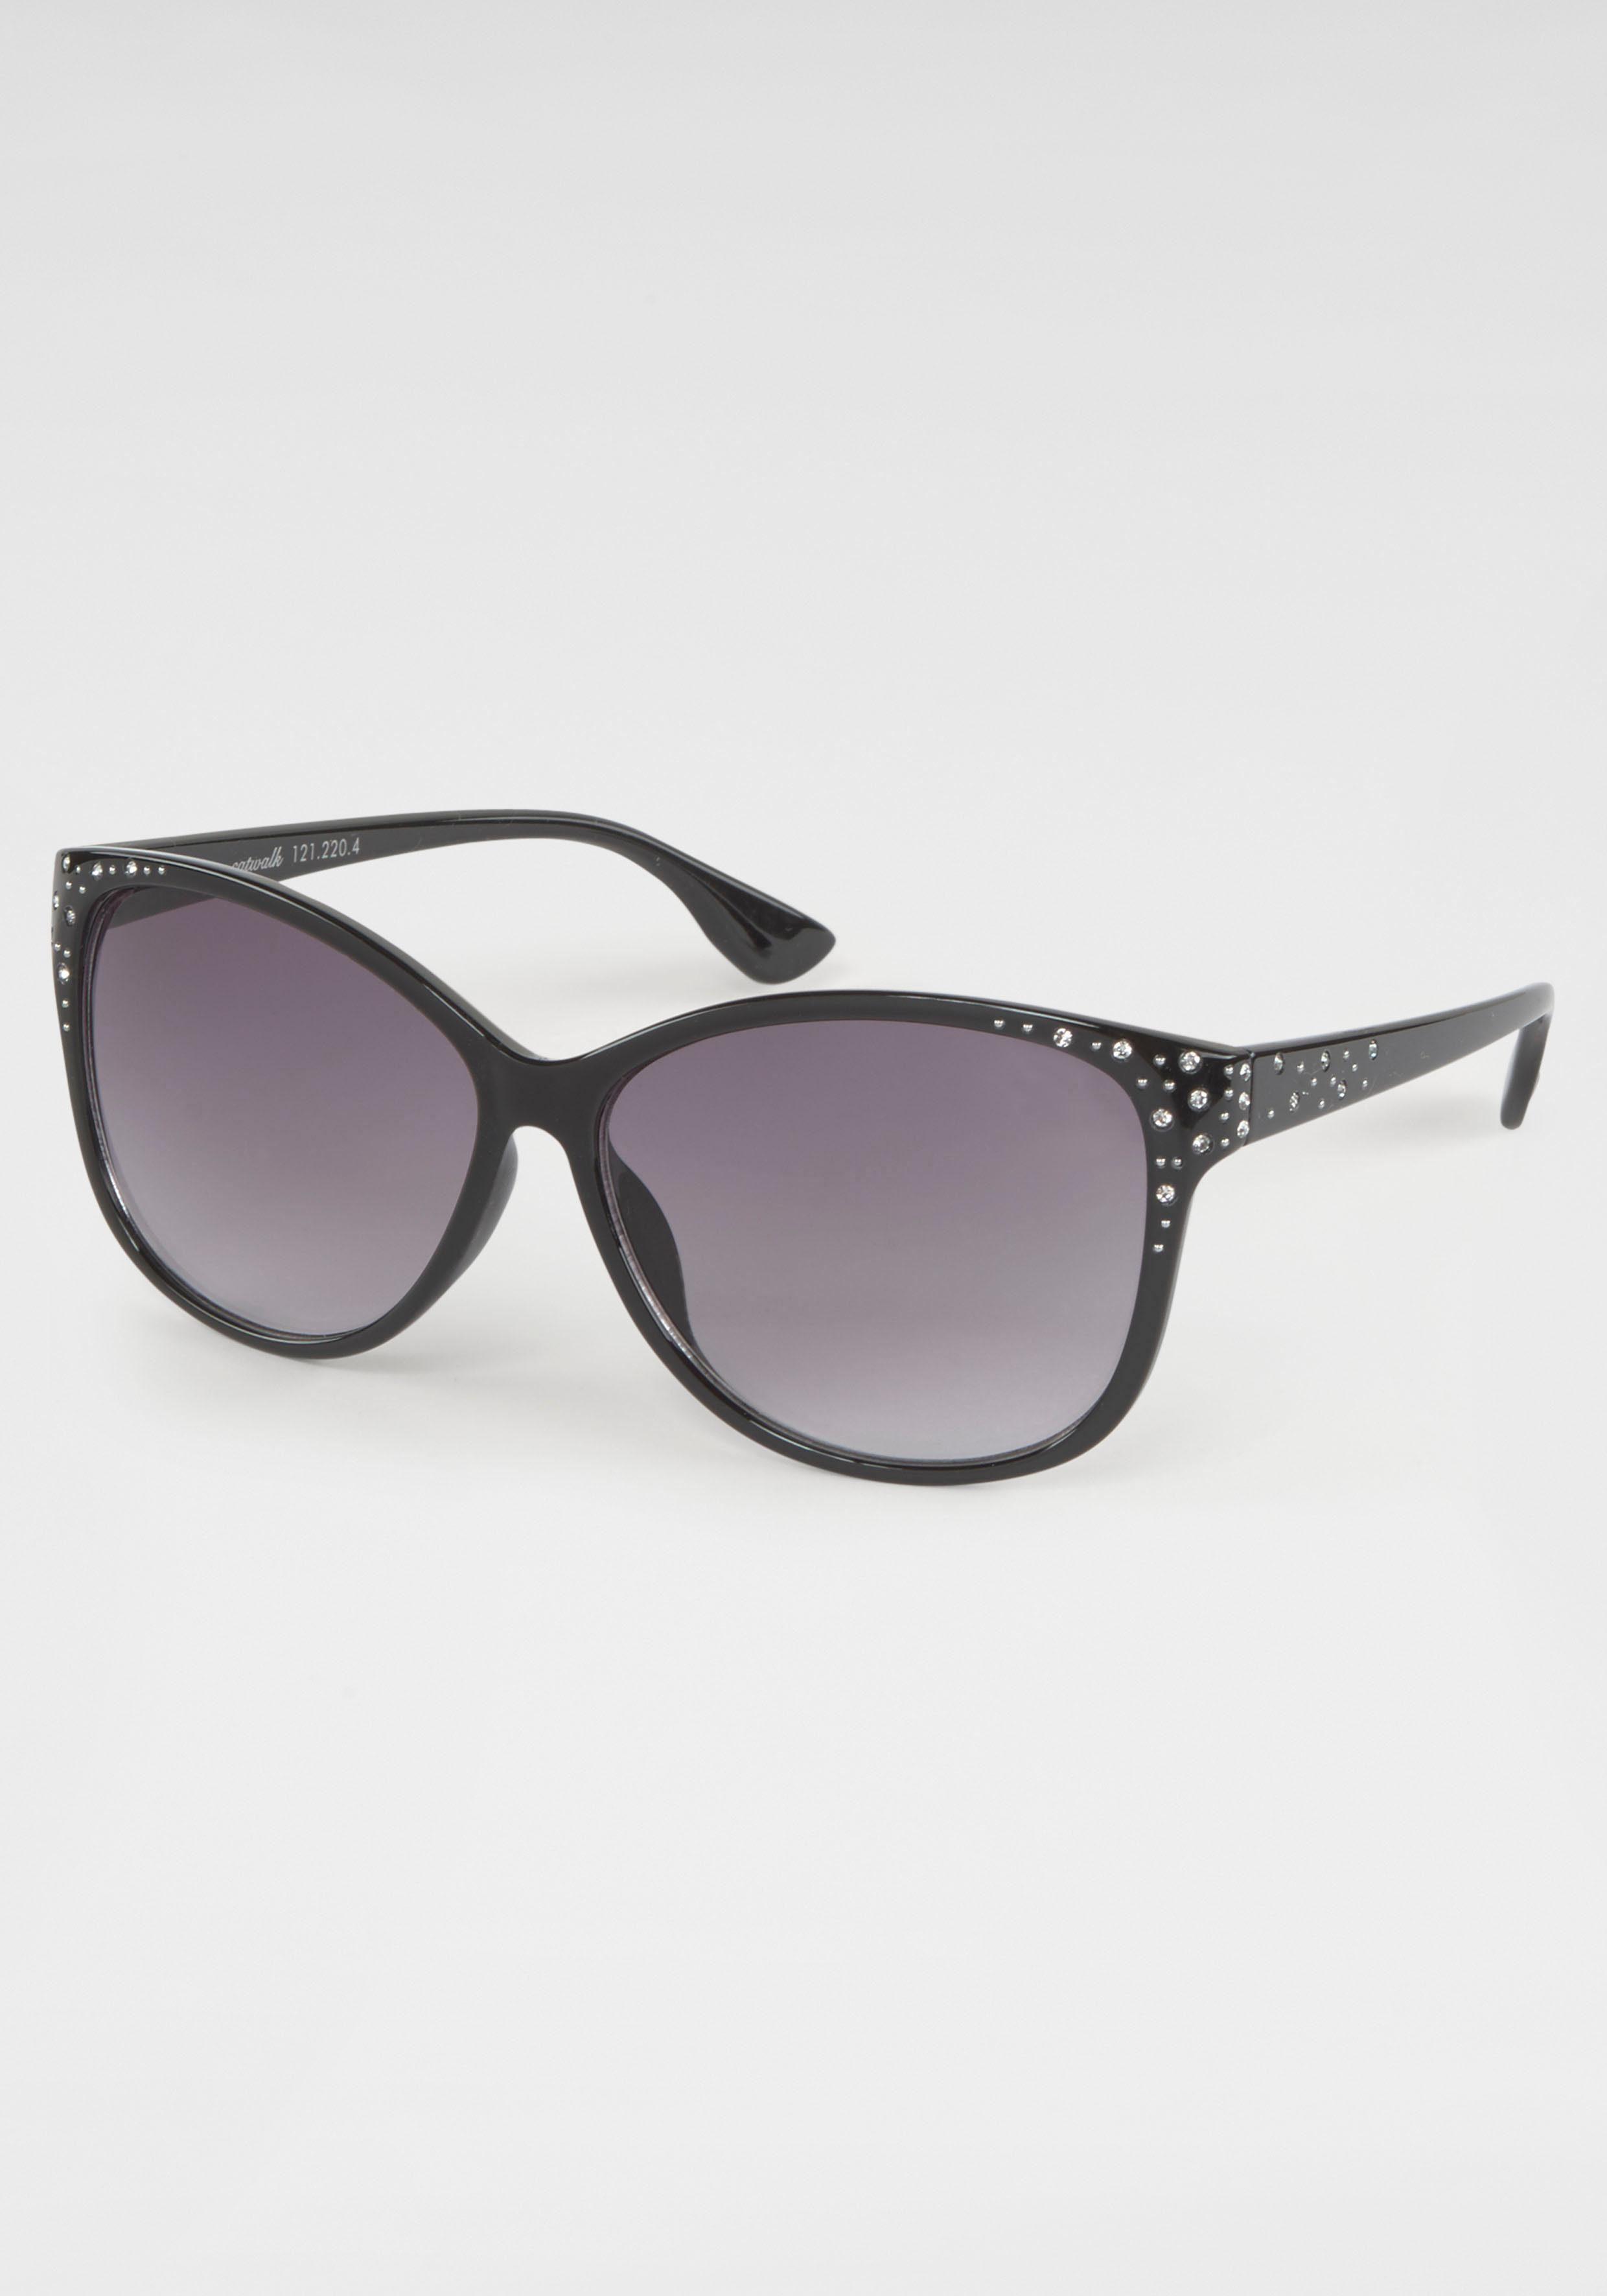 catwalk Eyewear Sonnenbrille (1-St) Damen Sonnenbrille, mit Glitzersteinen, Vollrand